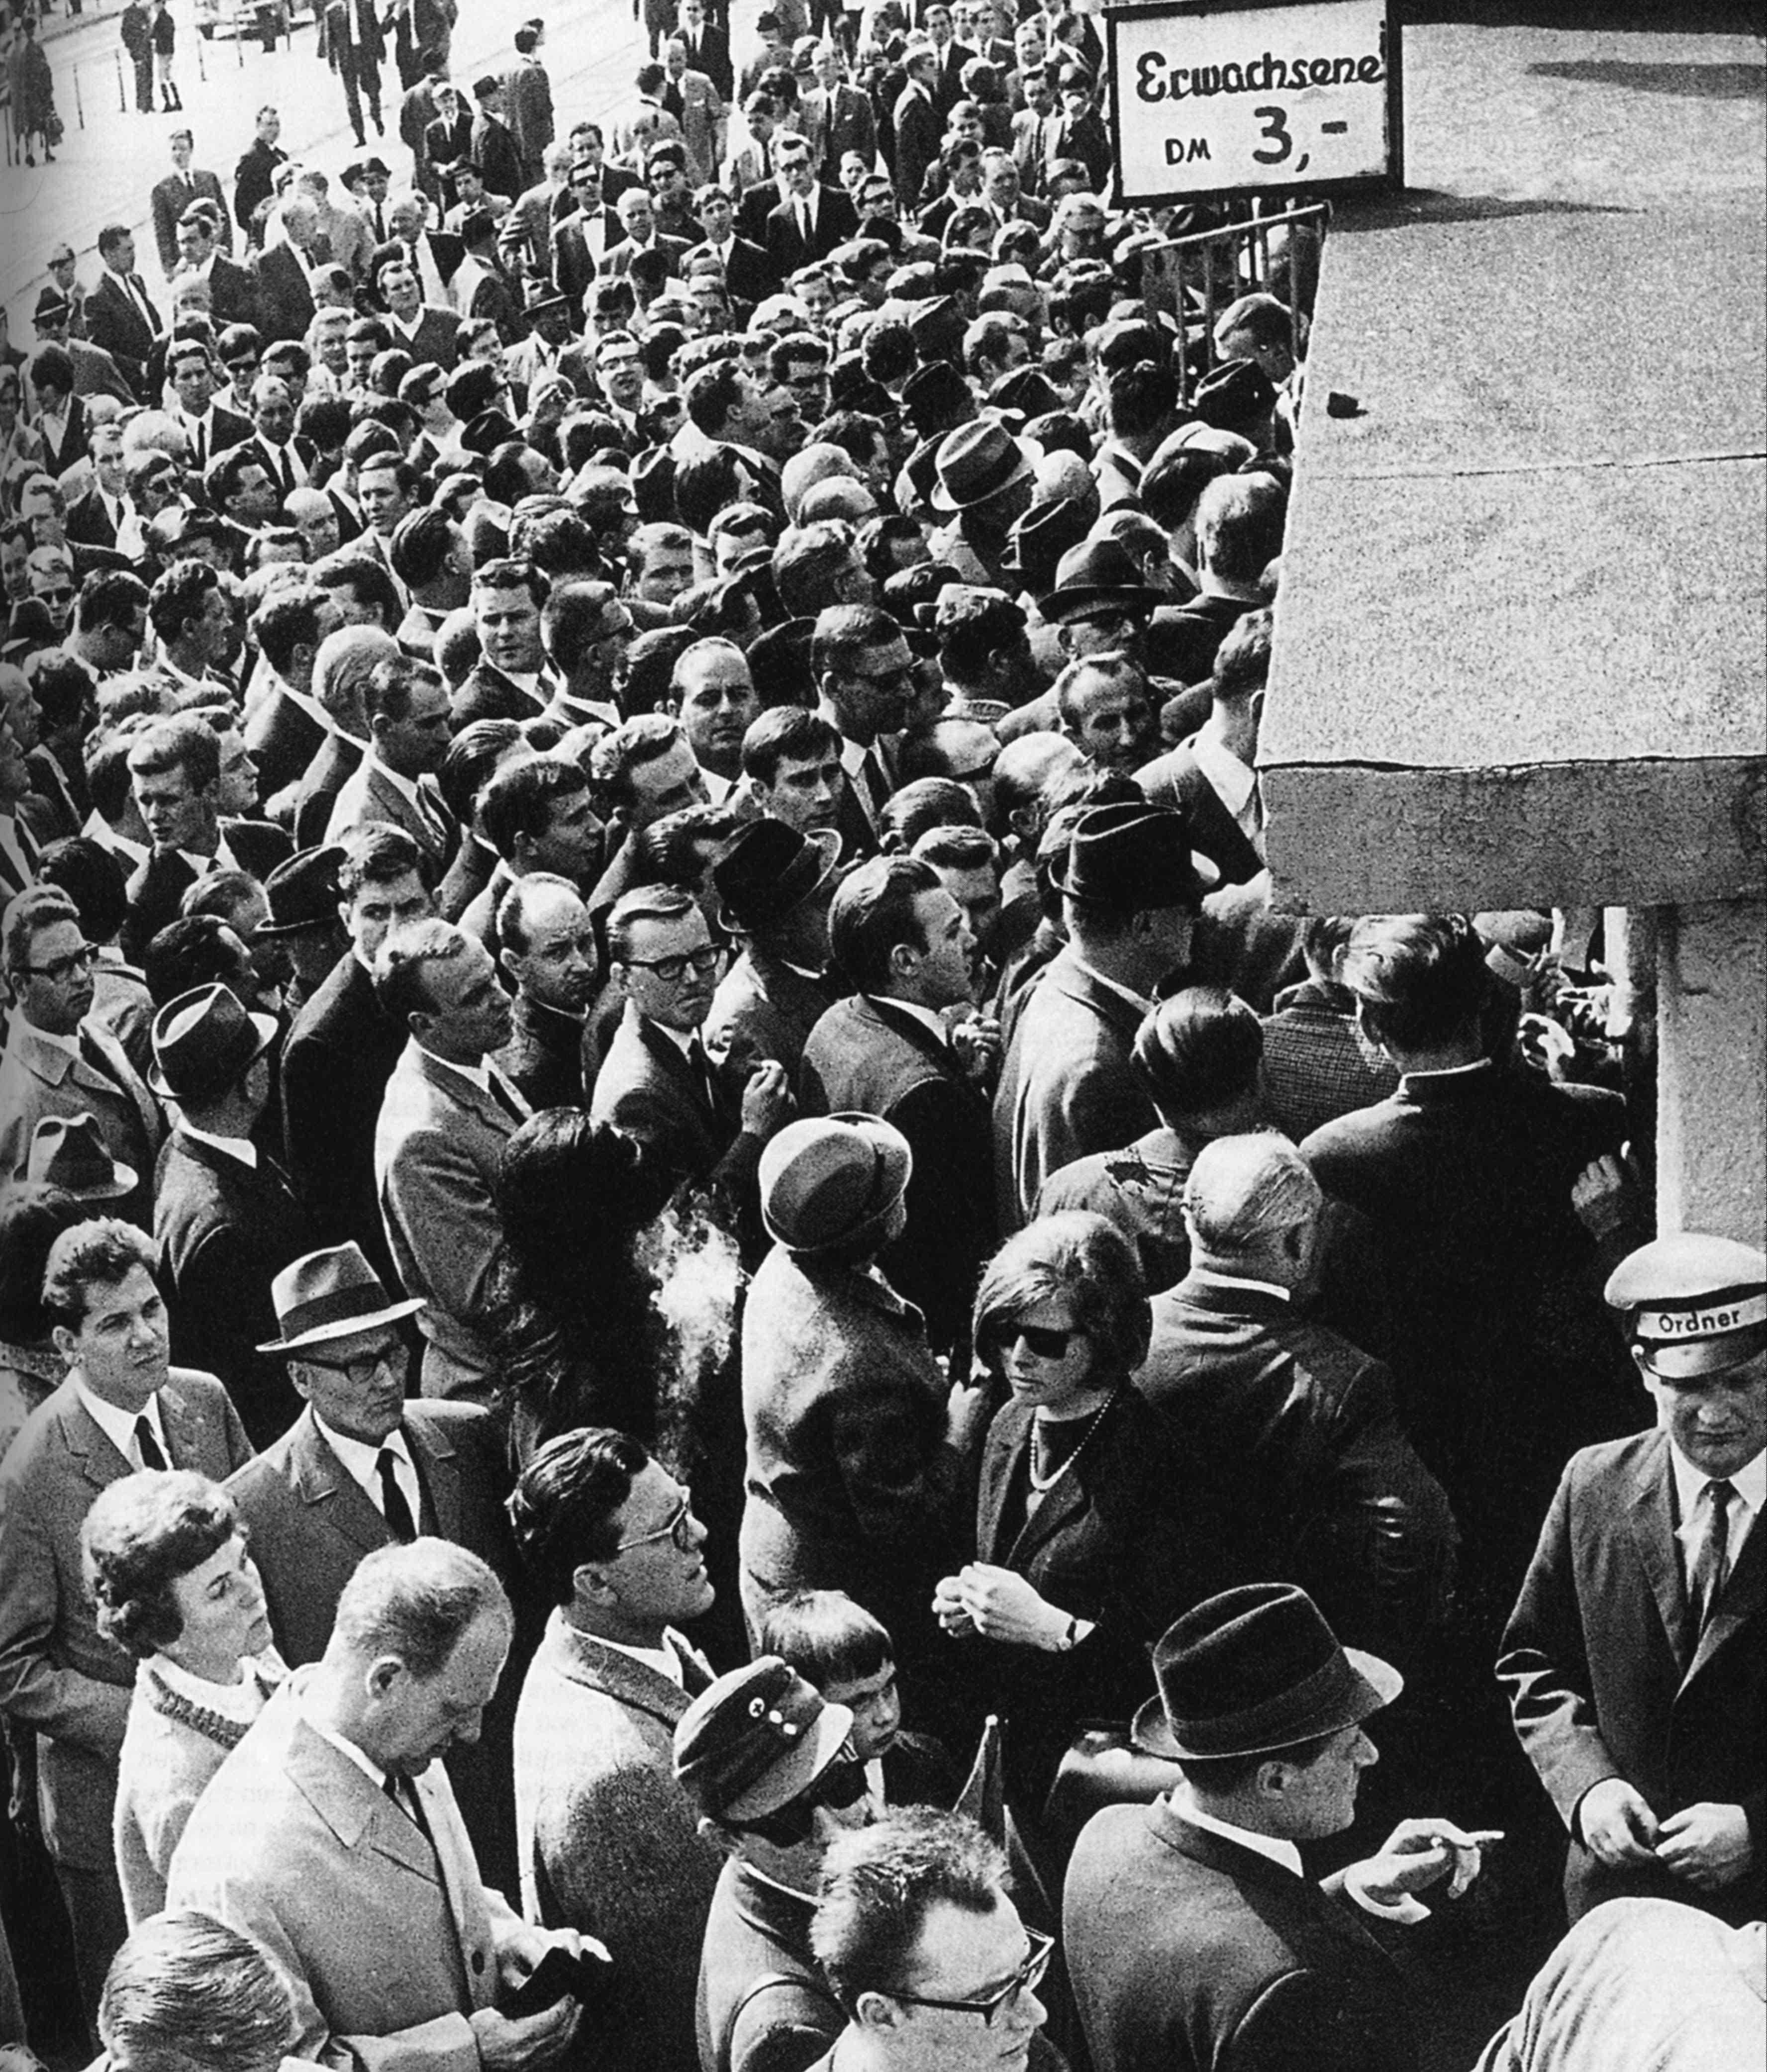 Foto von Fans während der Fussball-WM, 1950er Jahre